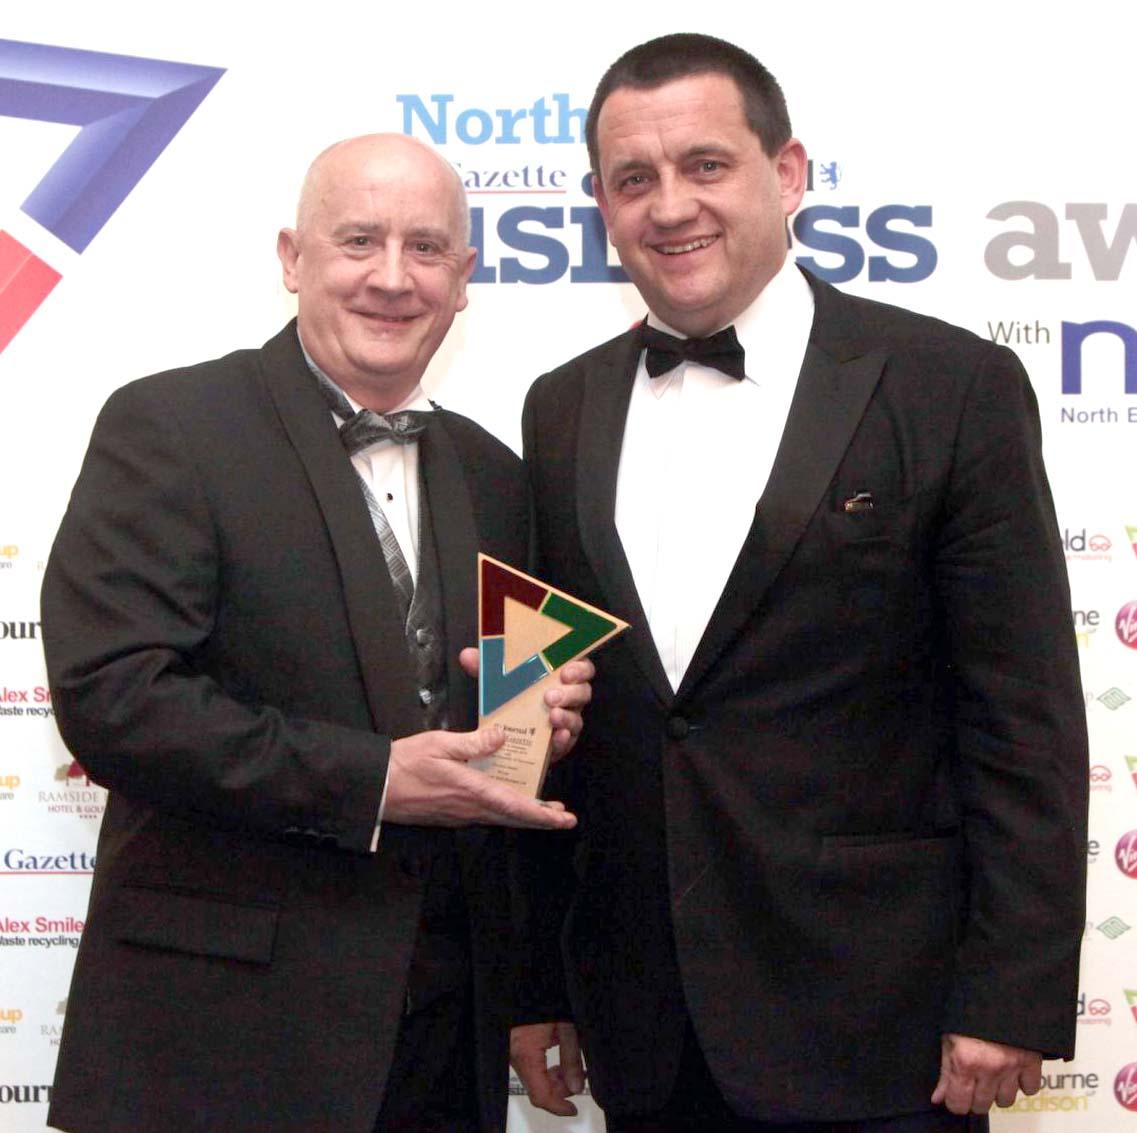 Aycliffe's Samwon Win Top service Award